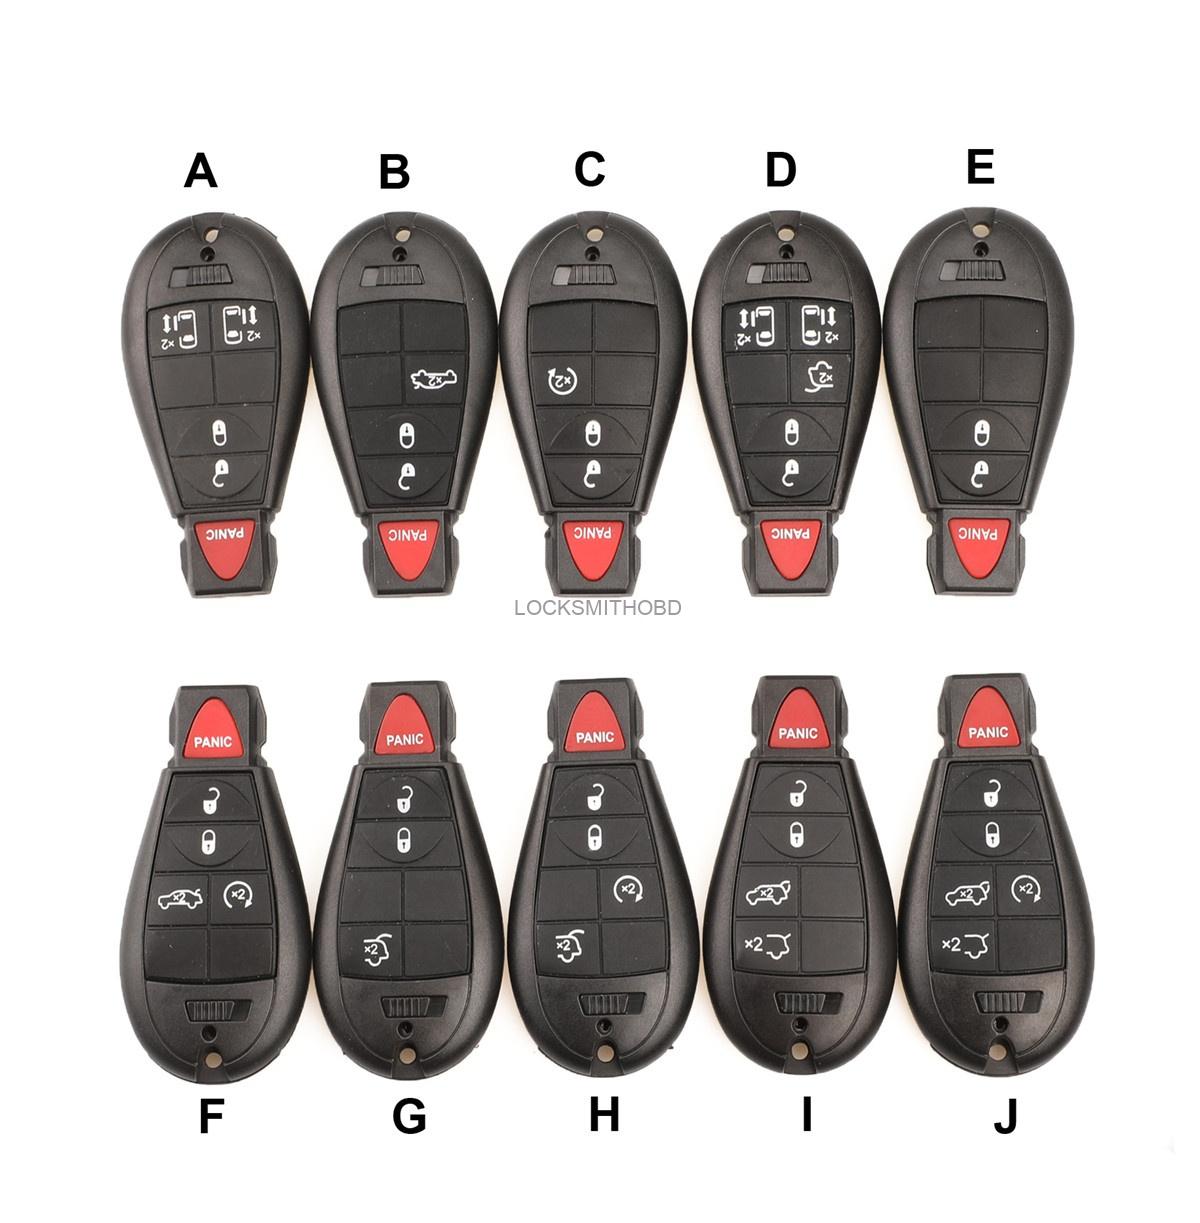 LOCKSMITHOBD 10PCS/LOT For Chrysler  remote key shell OEM